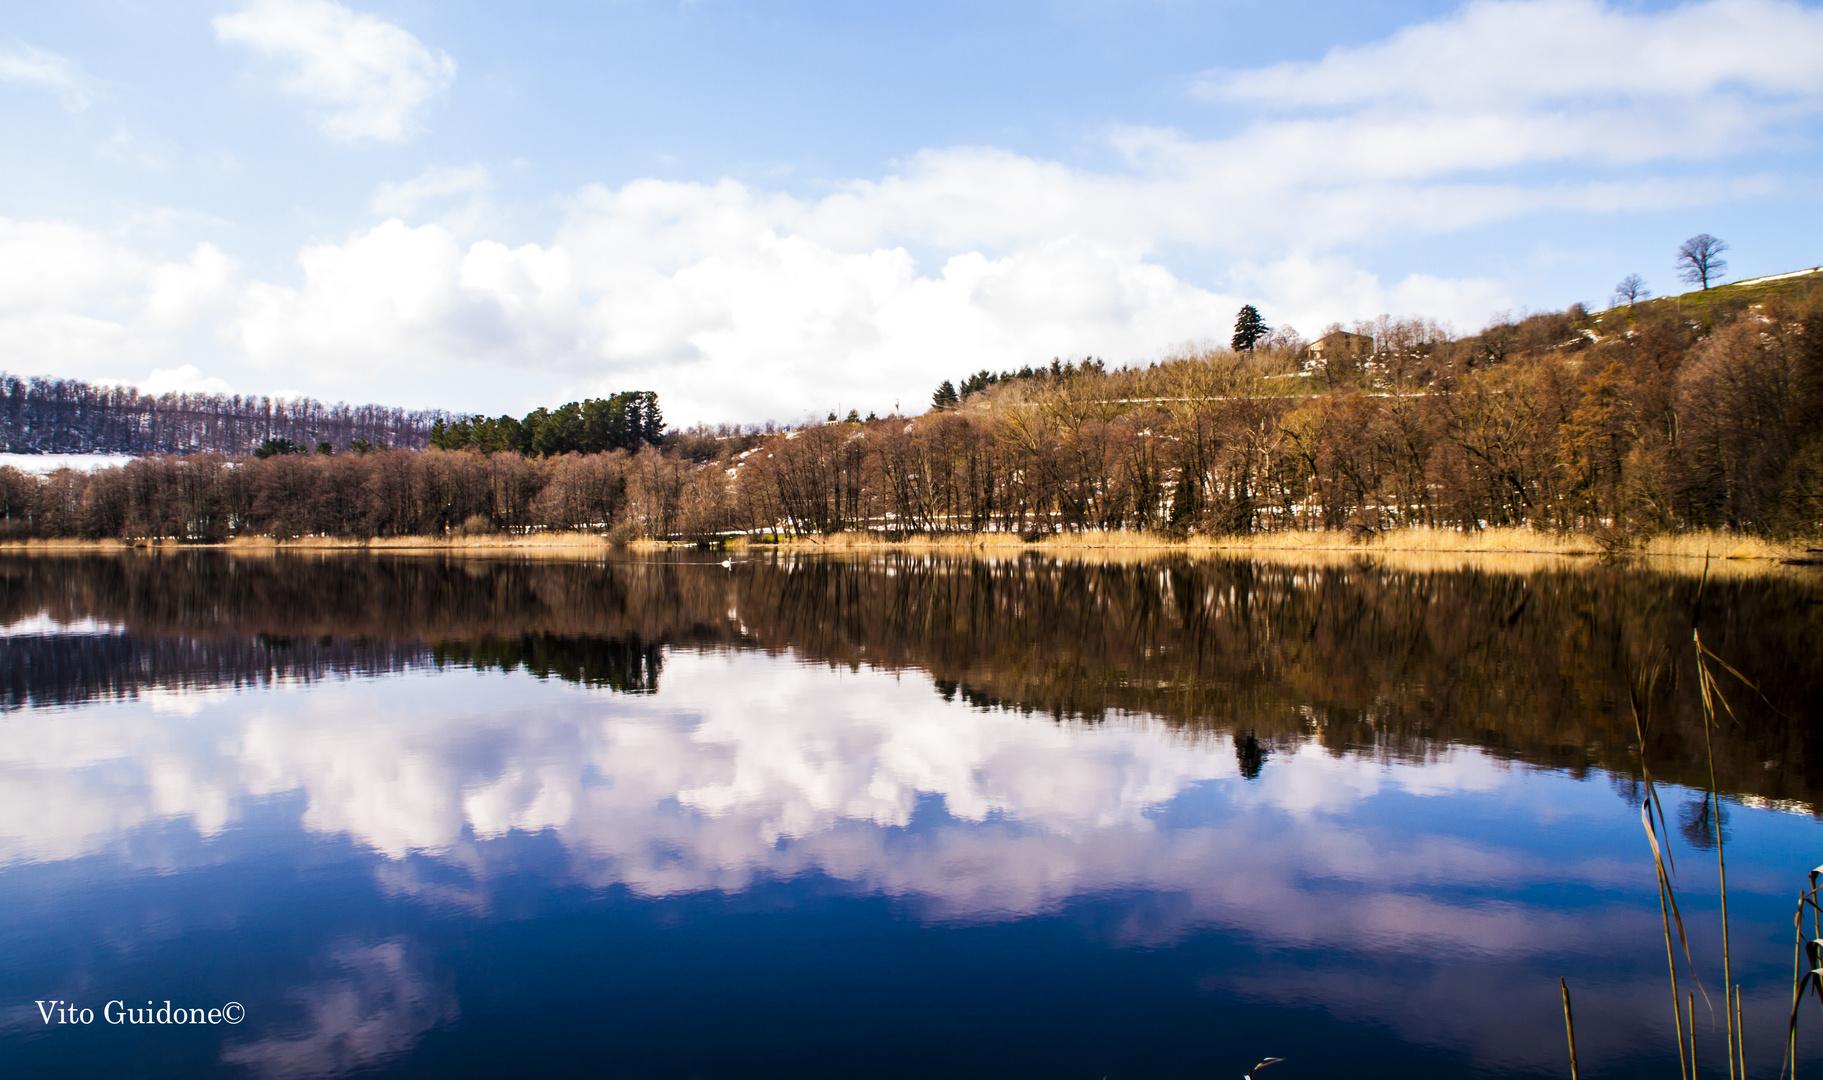 Laghi di monticchio foto immagini paesaggi laghi e for Disegni di laghi